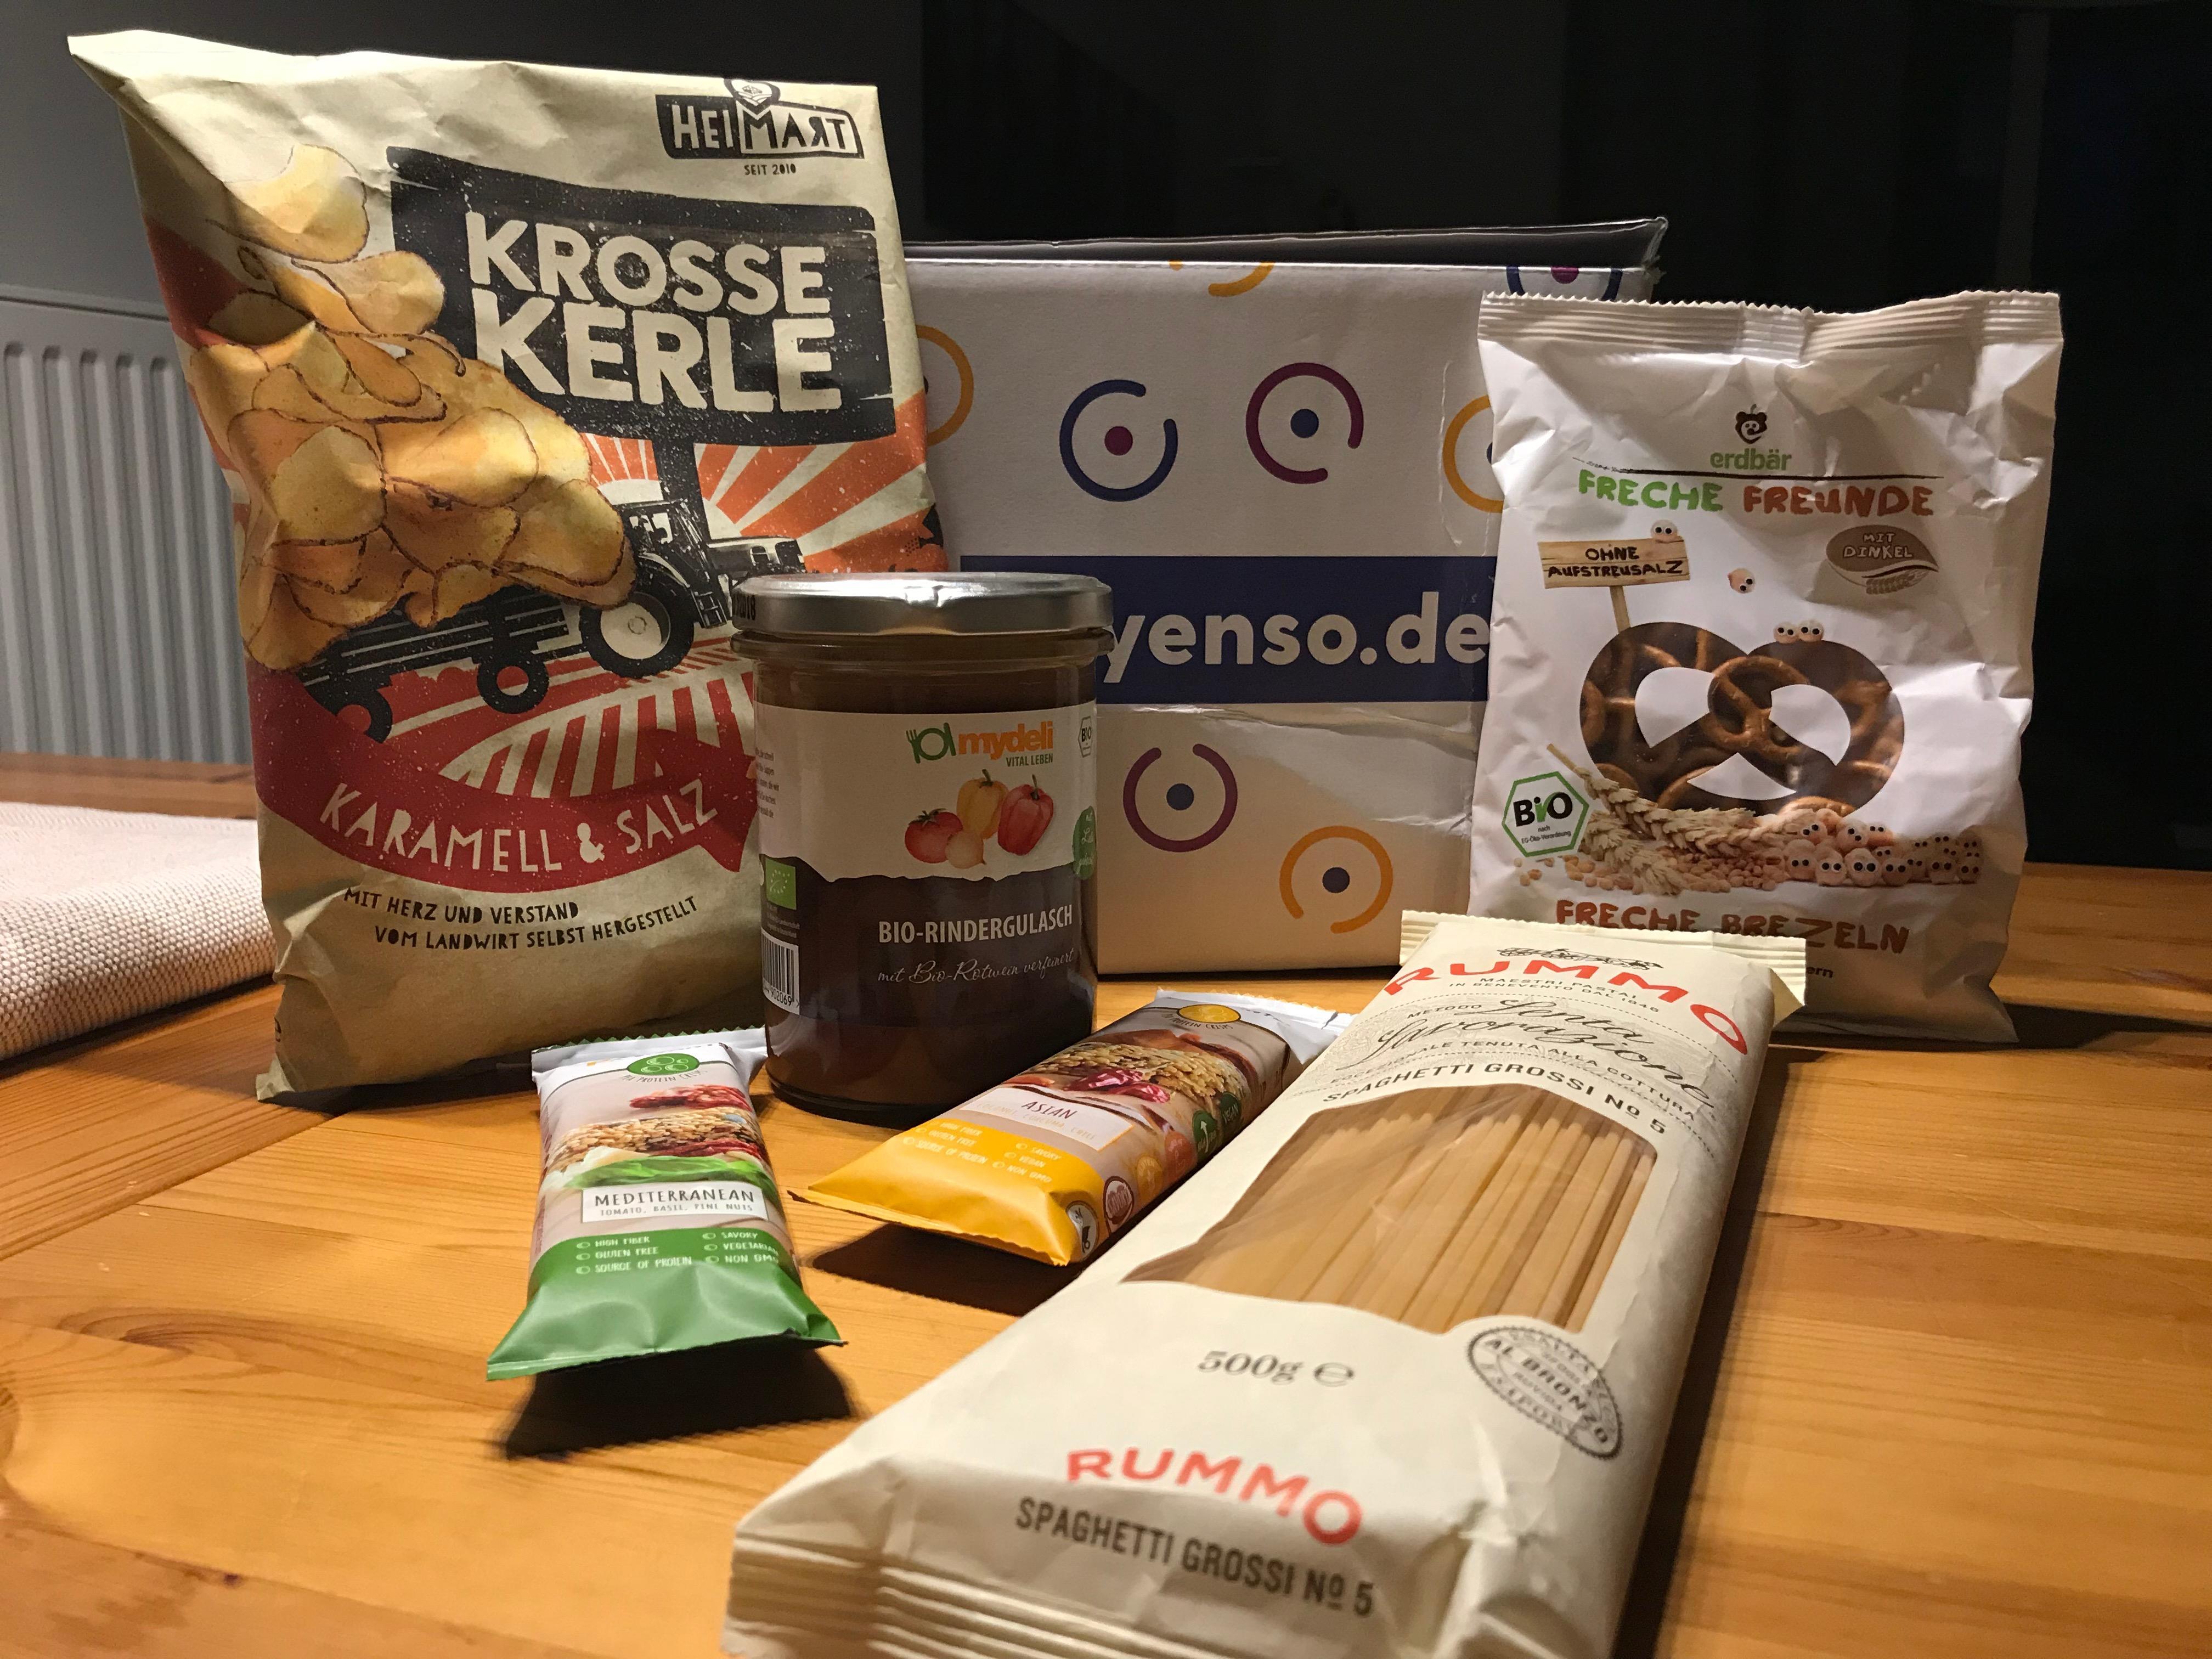 myEnso Online-Supermarkt: Kostenlose Welcome Box mit 5 Produkten